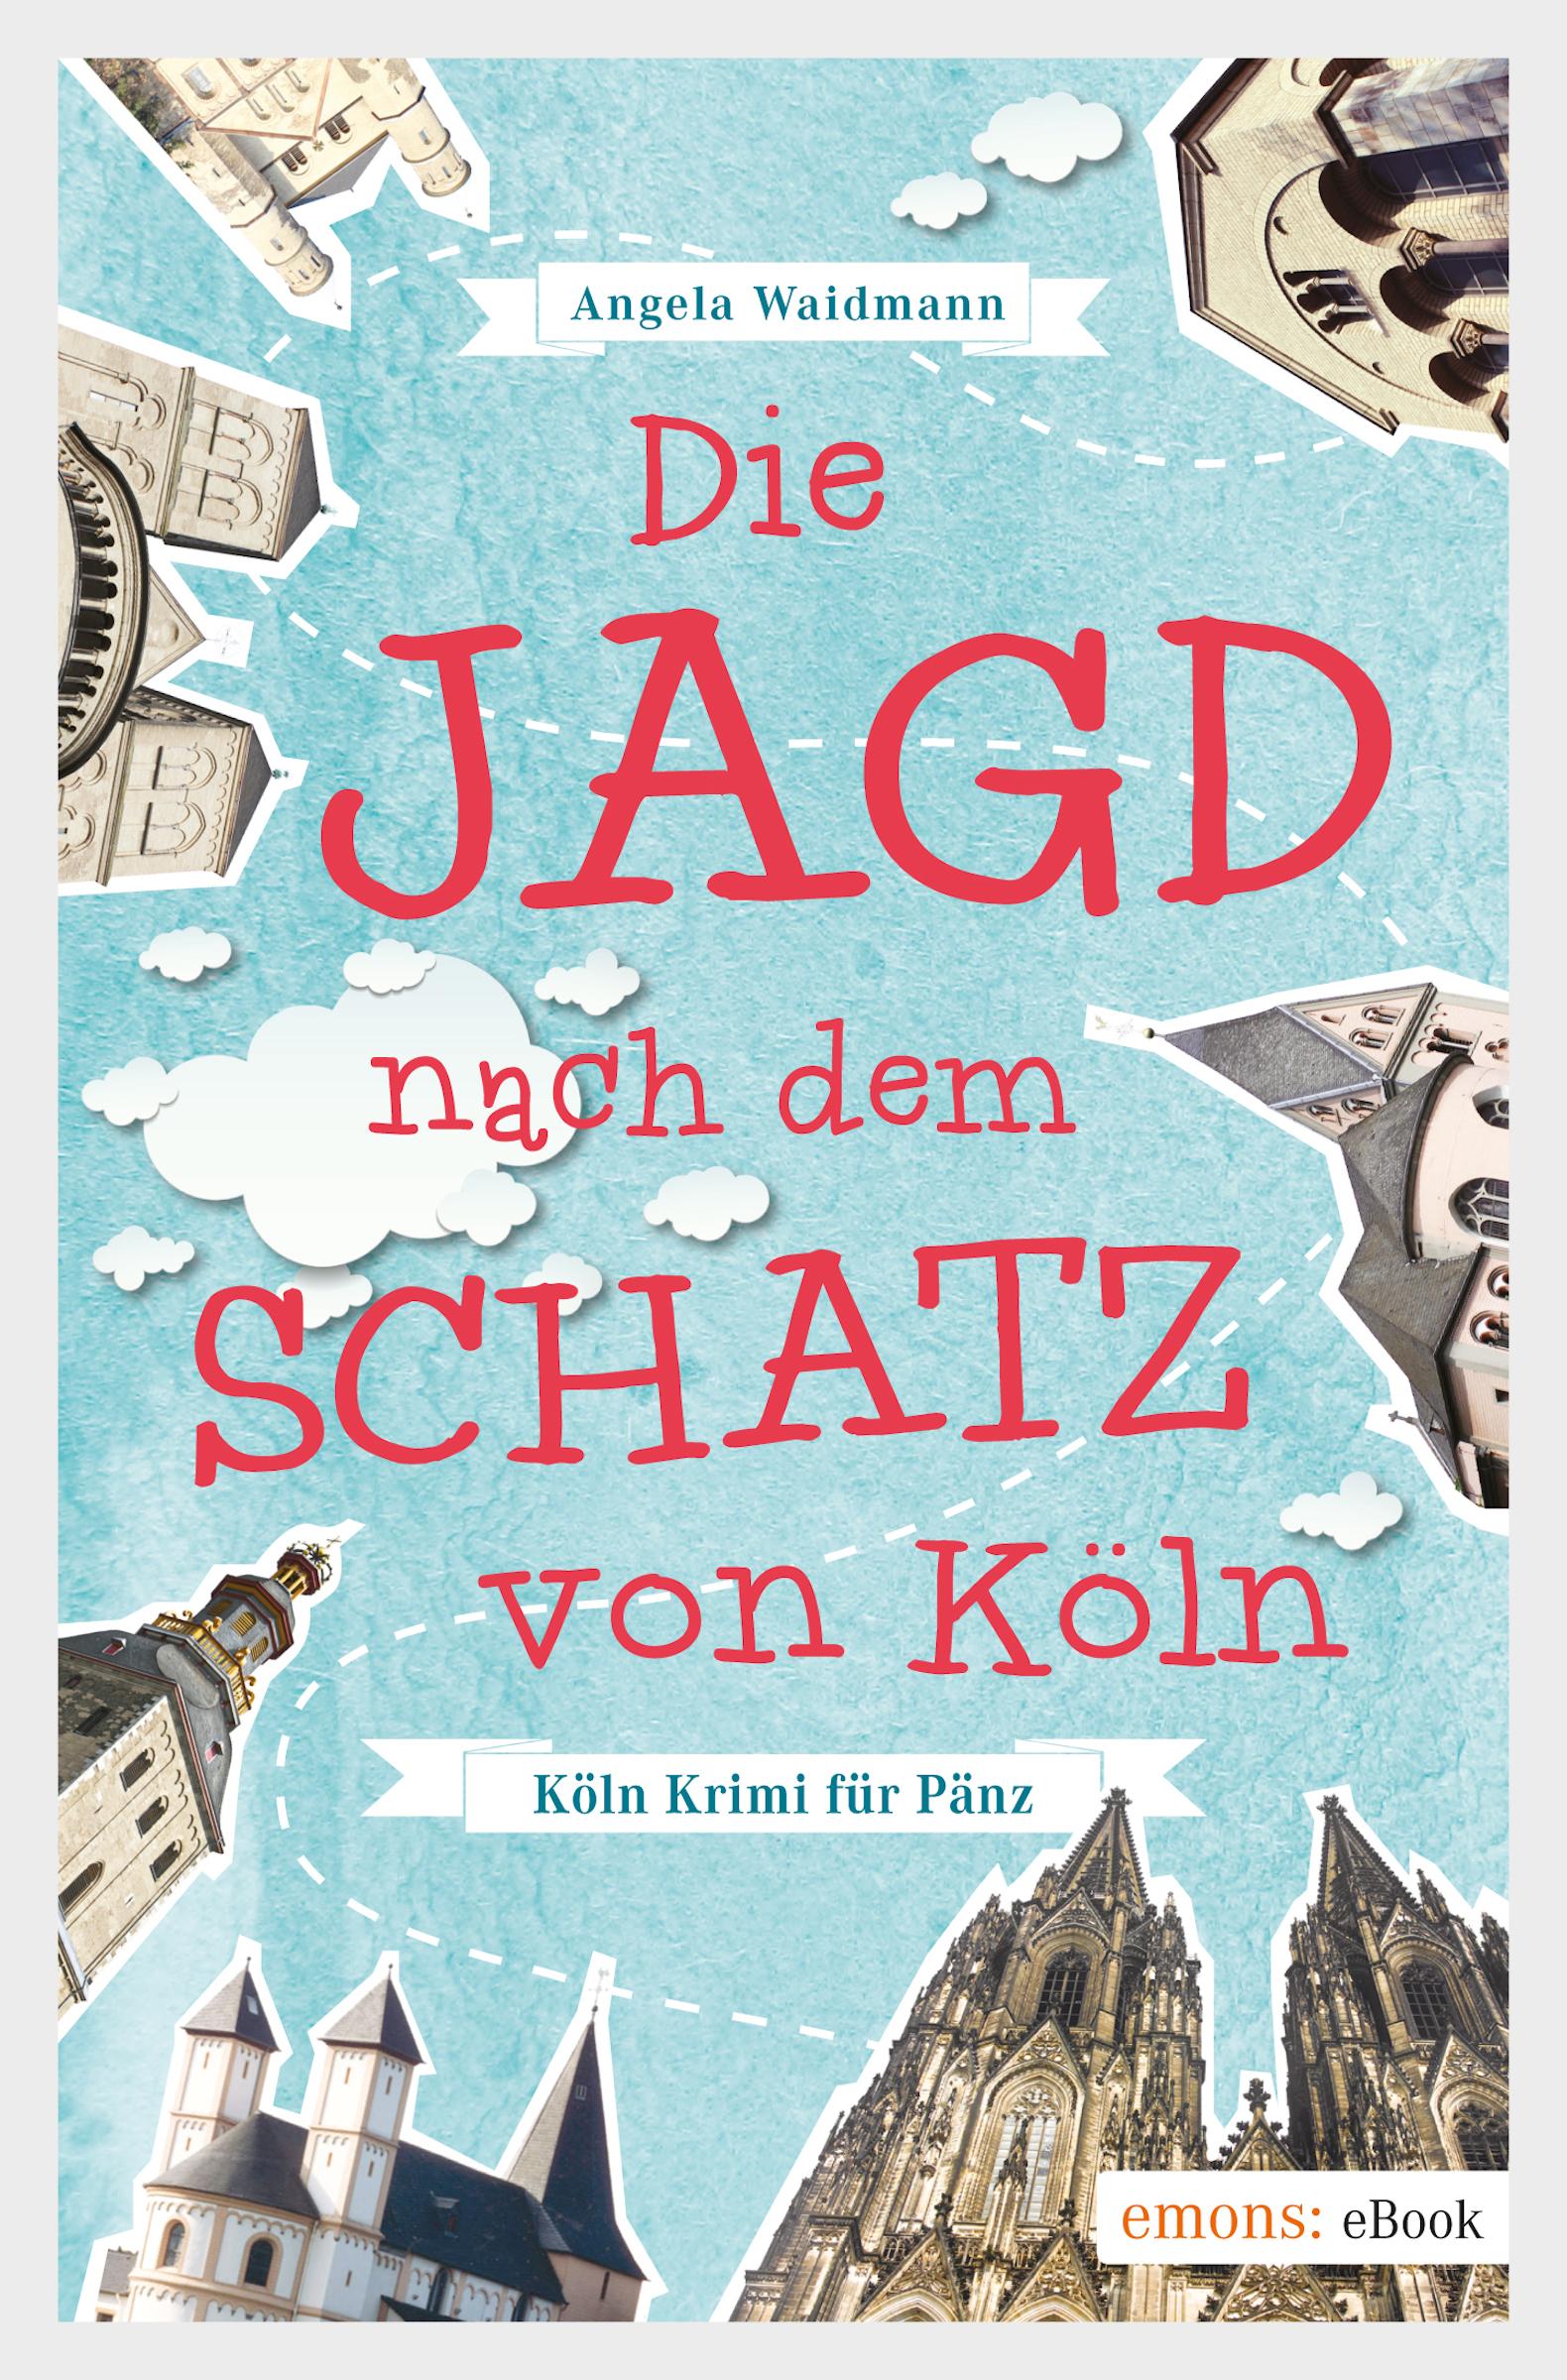 Angela Waidmann Die Jagd nach dem Schatz von Köln